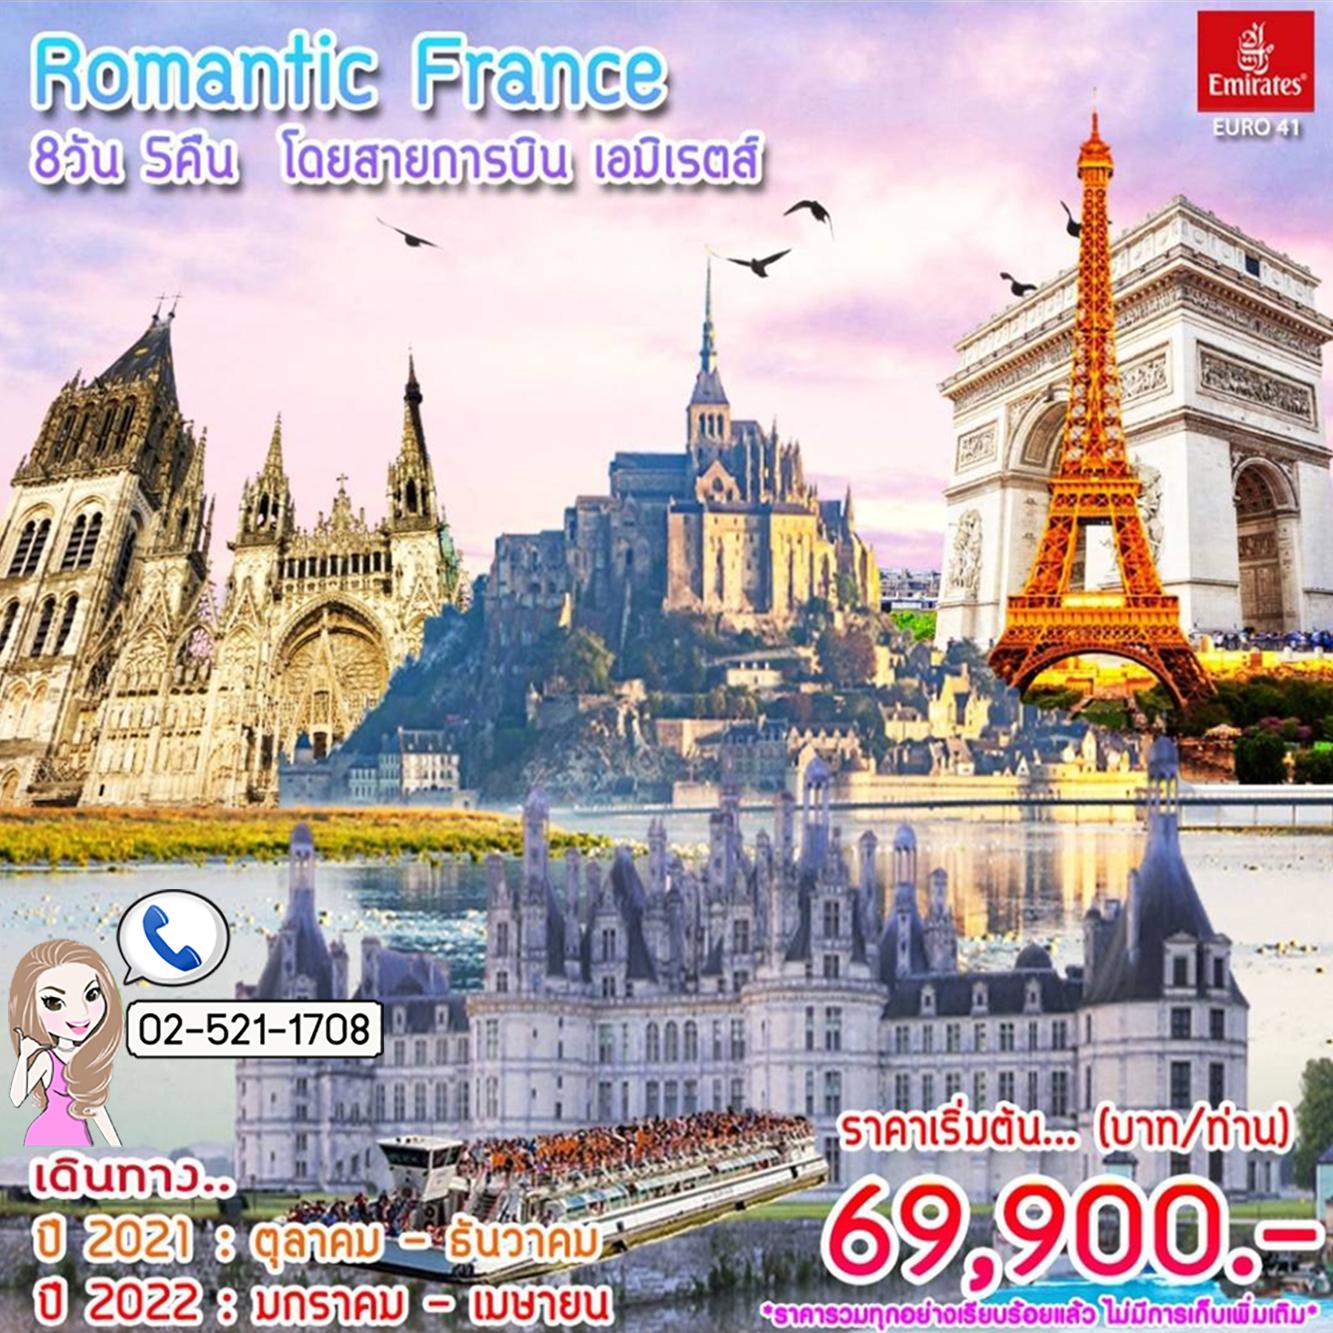 ทัวร์ยุโรป โรแมนติค ฝรั่งเศส 8วัน5คืน_EURO41 ROMANTIC FRANCE_EK